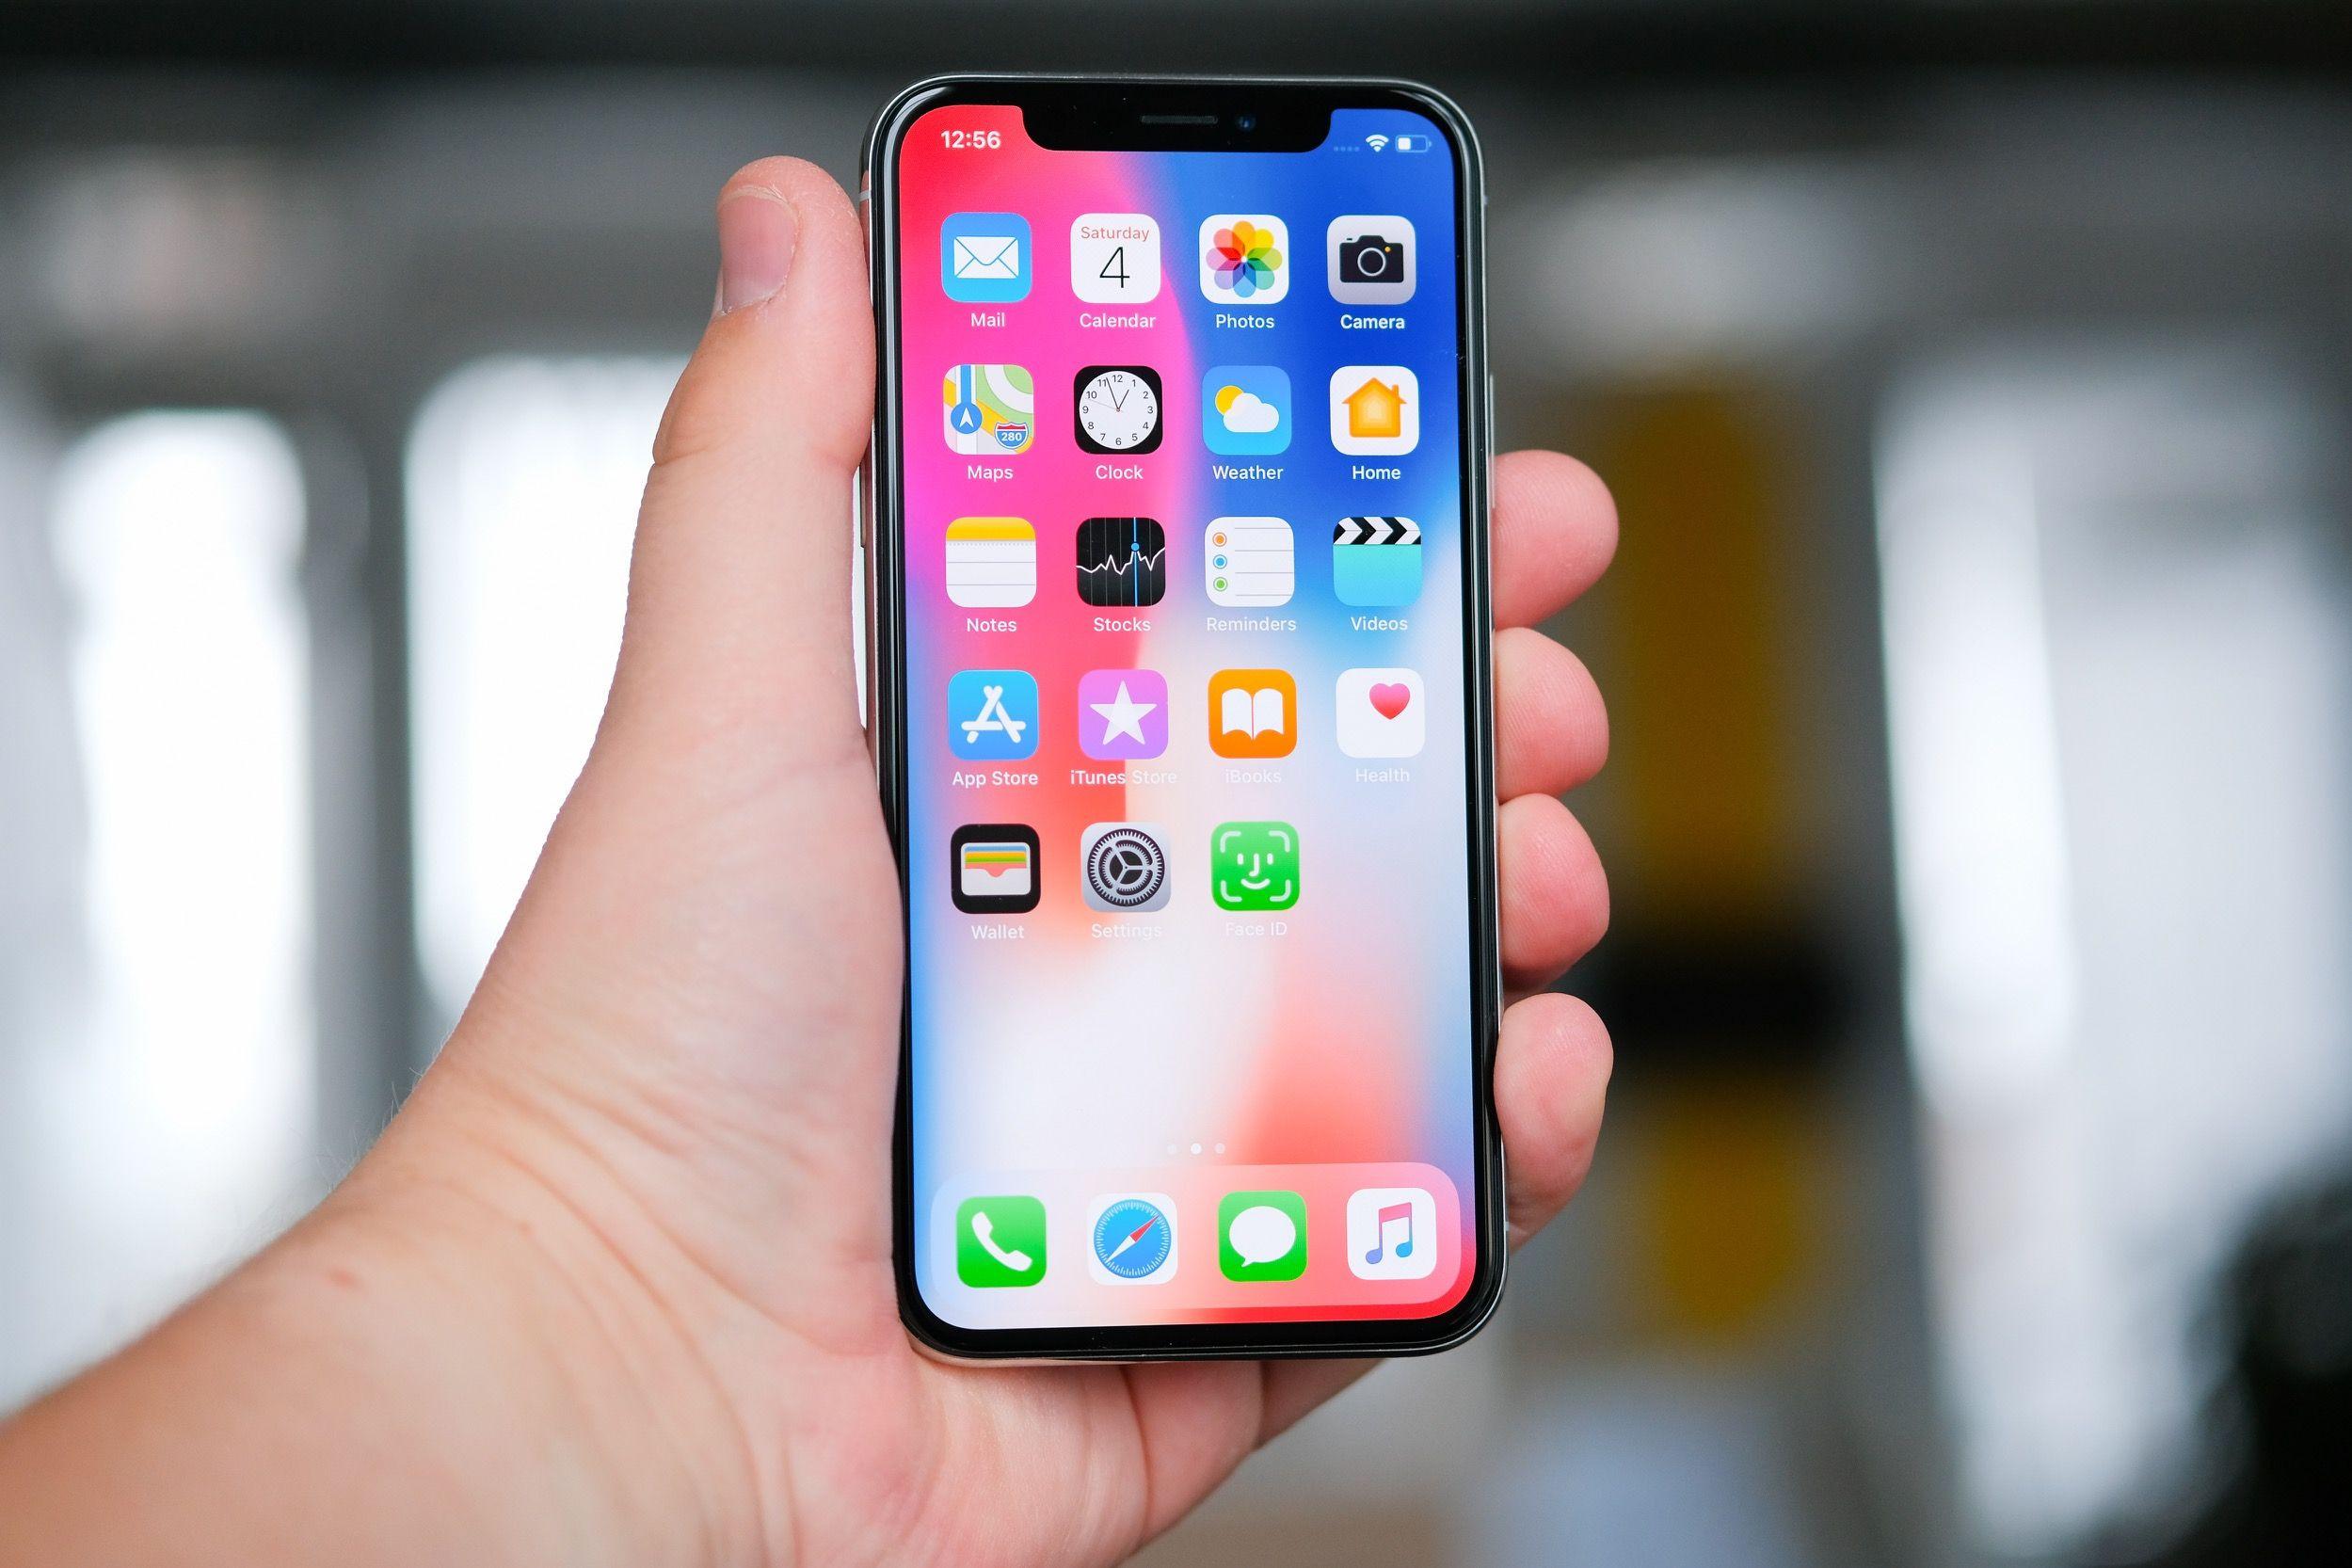 Saiba como descobrir qualquer senha salva no iPhone